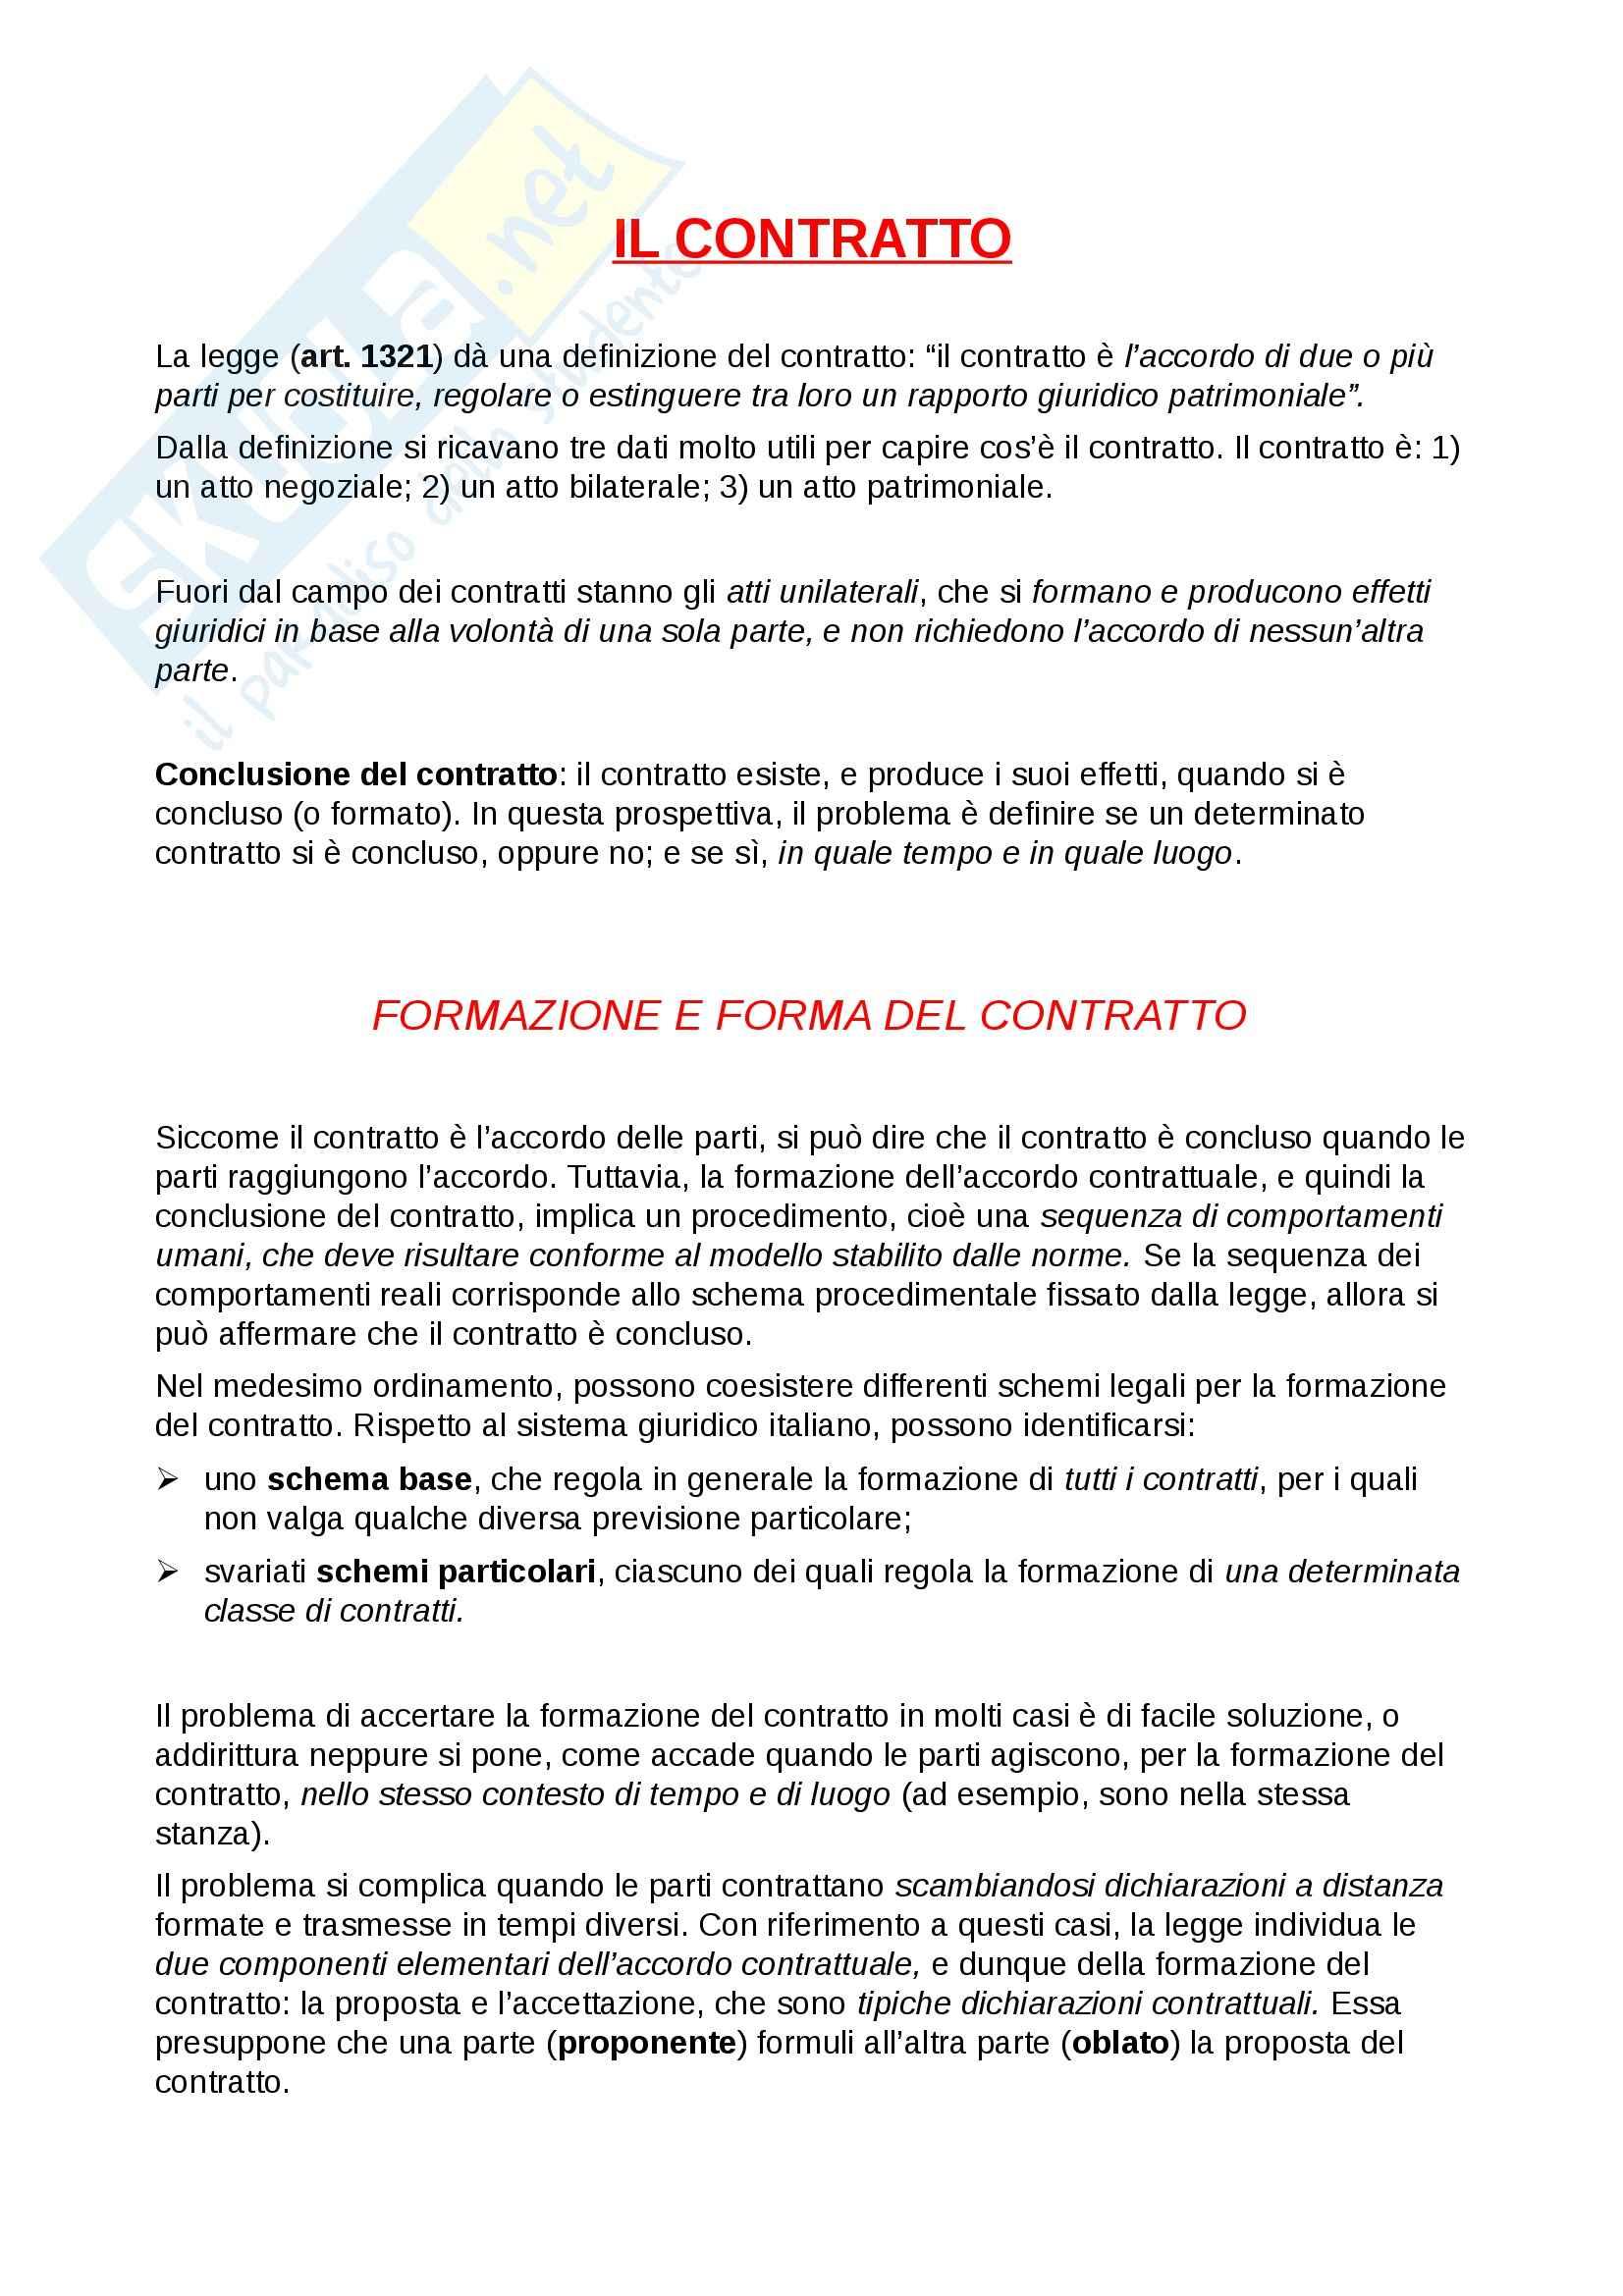 Contratto: Appunti di Diritto Privato